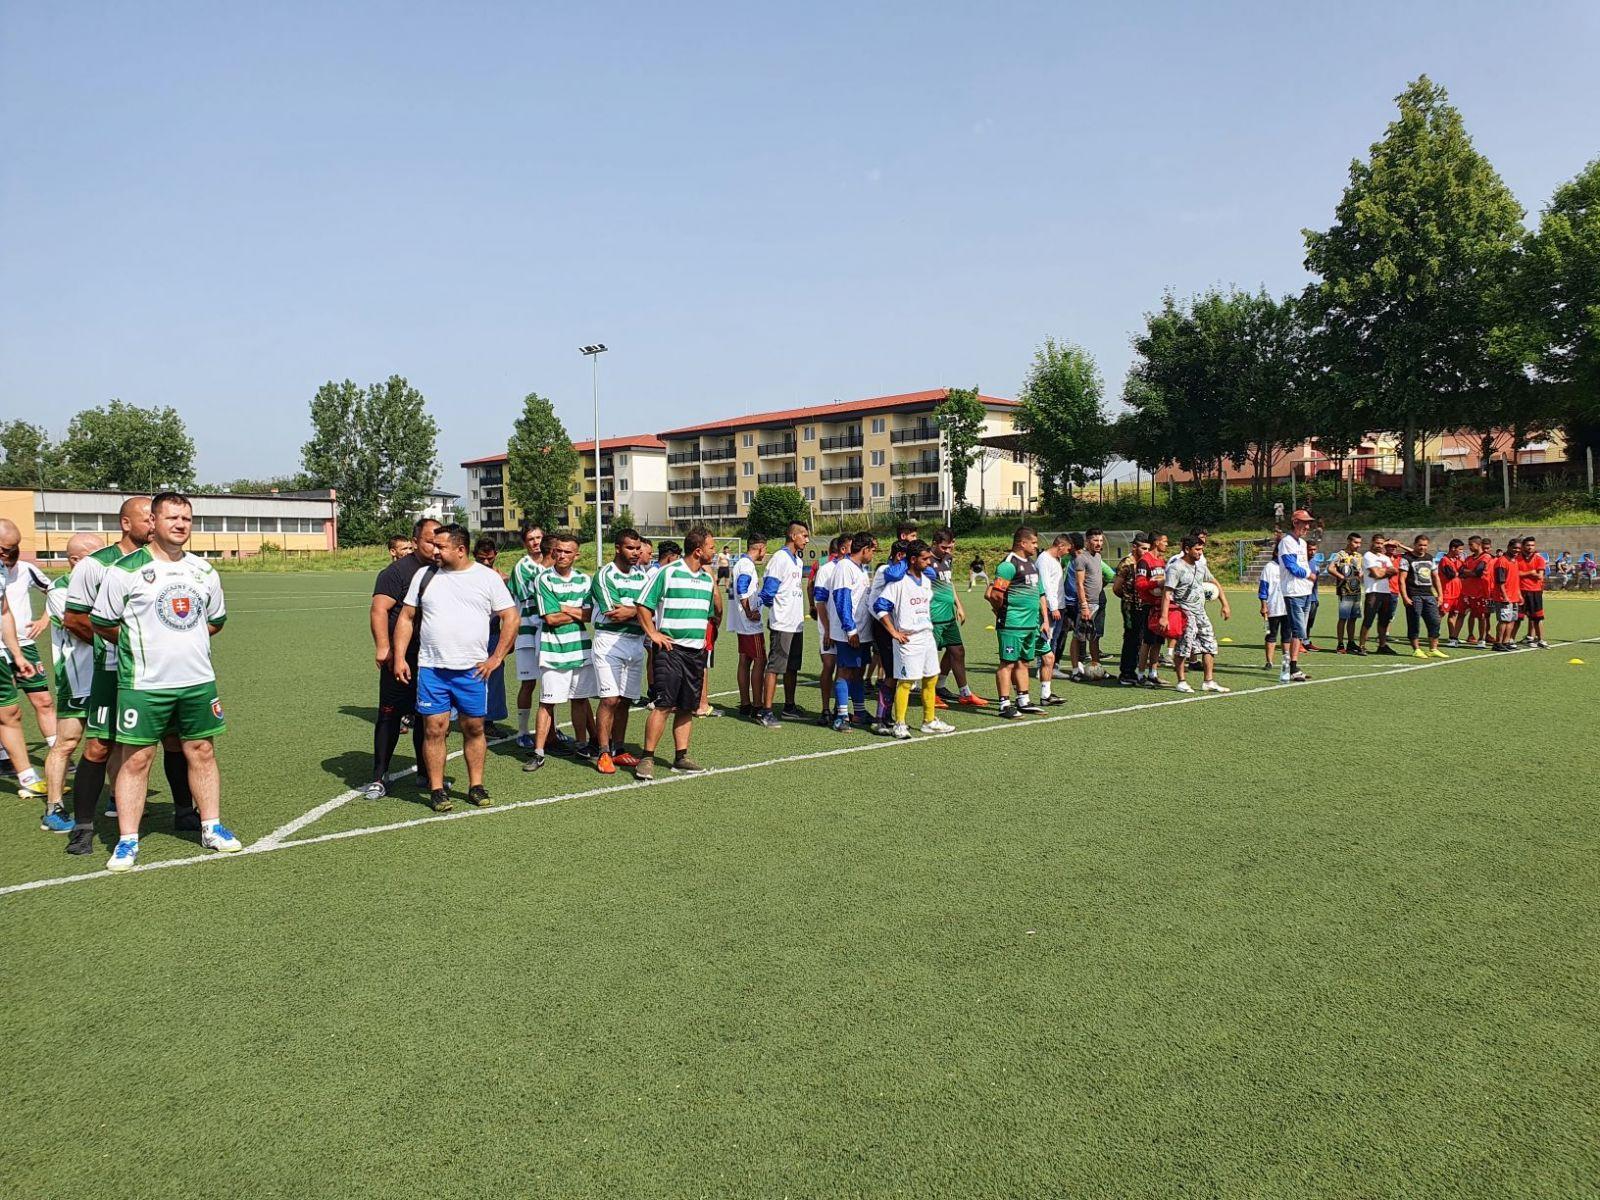 Futbalovy-turnaj-spojil-miestne-komunity-4